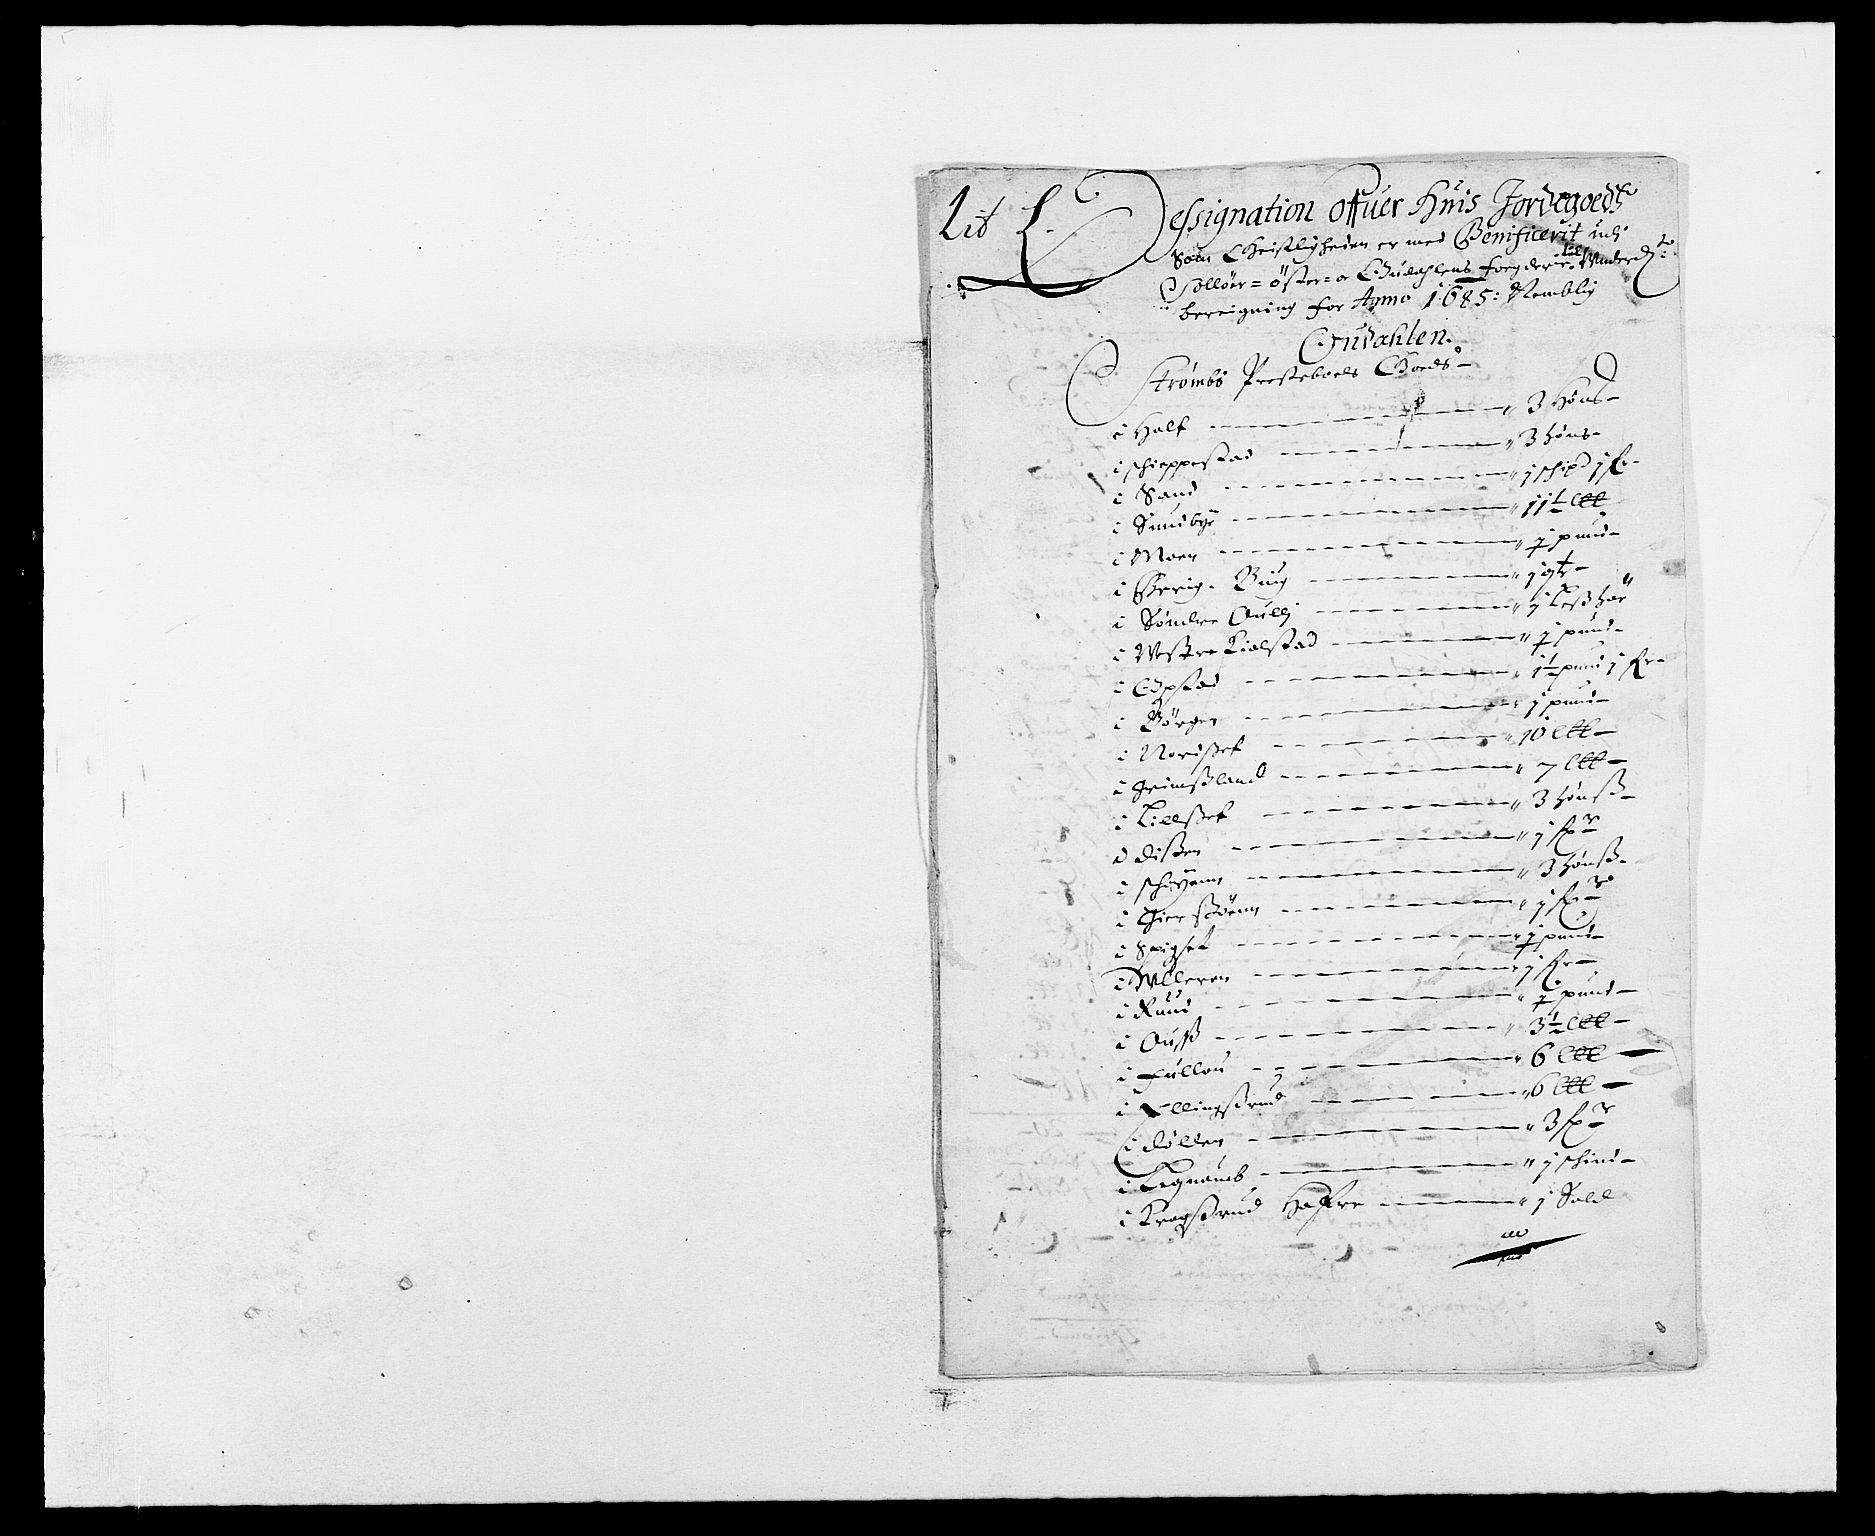 RA, Rentekammeret inntil 1814, Reviderte regnskaper, Fogderegnskap, R13/L0822: Fogderegnskap Solør, Odal og Østerdal, 1685, s. 232